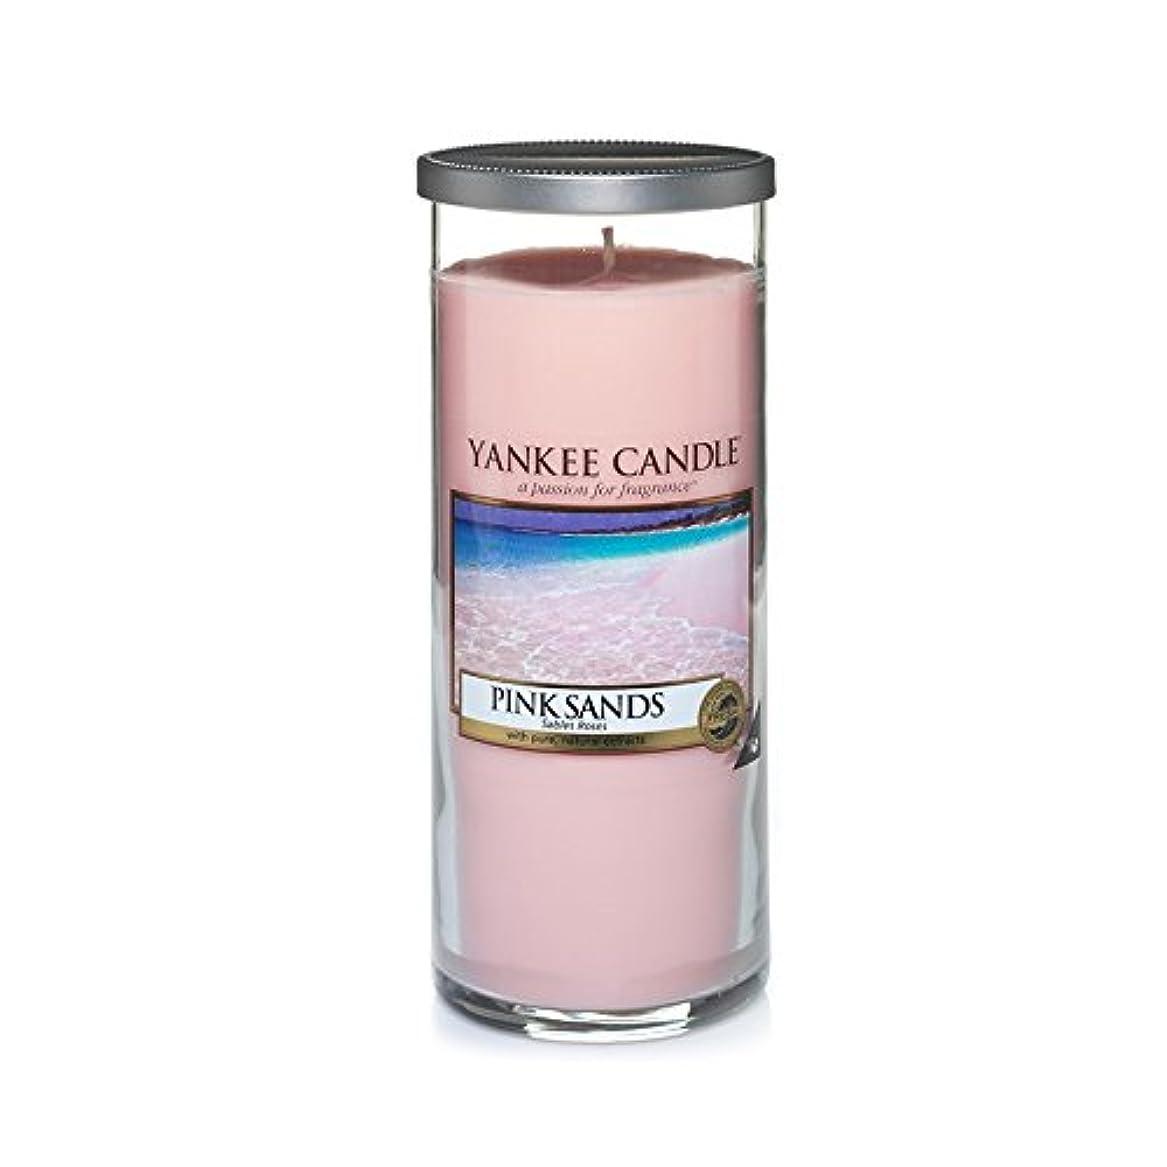 ミリメートルボーダー虐殺Yankee Candles Large Pillar Candle - Pink Sands? (Pack of 2) - ヤンキーキャンドル大きな柱キャンドル - ピンクの砂? (x2) [並行輸入品]